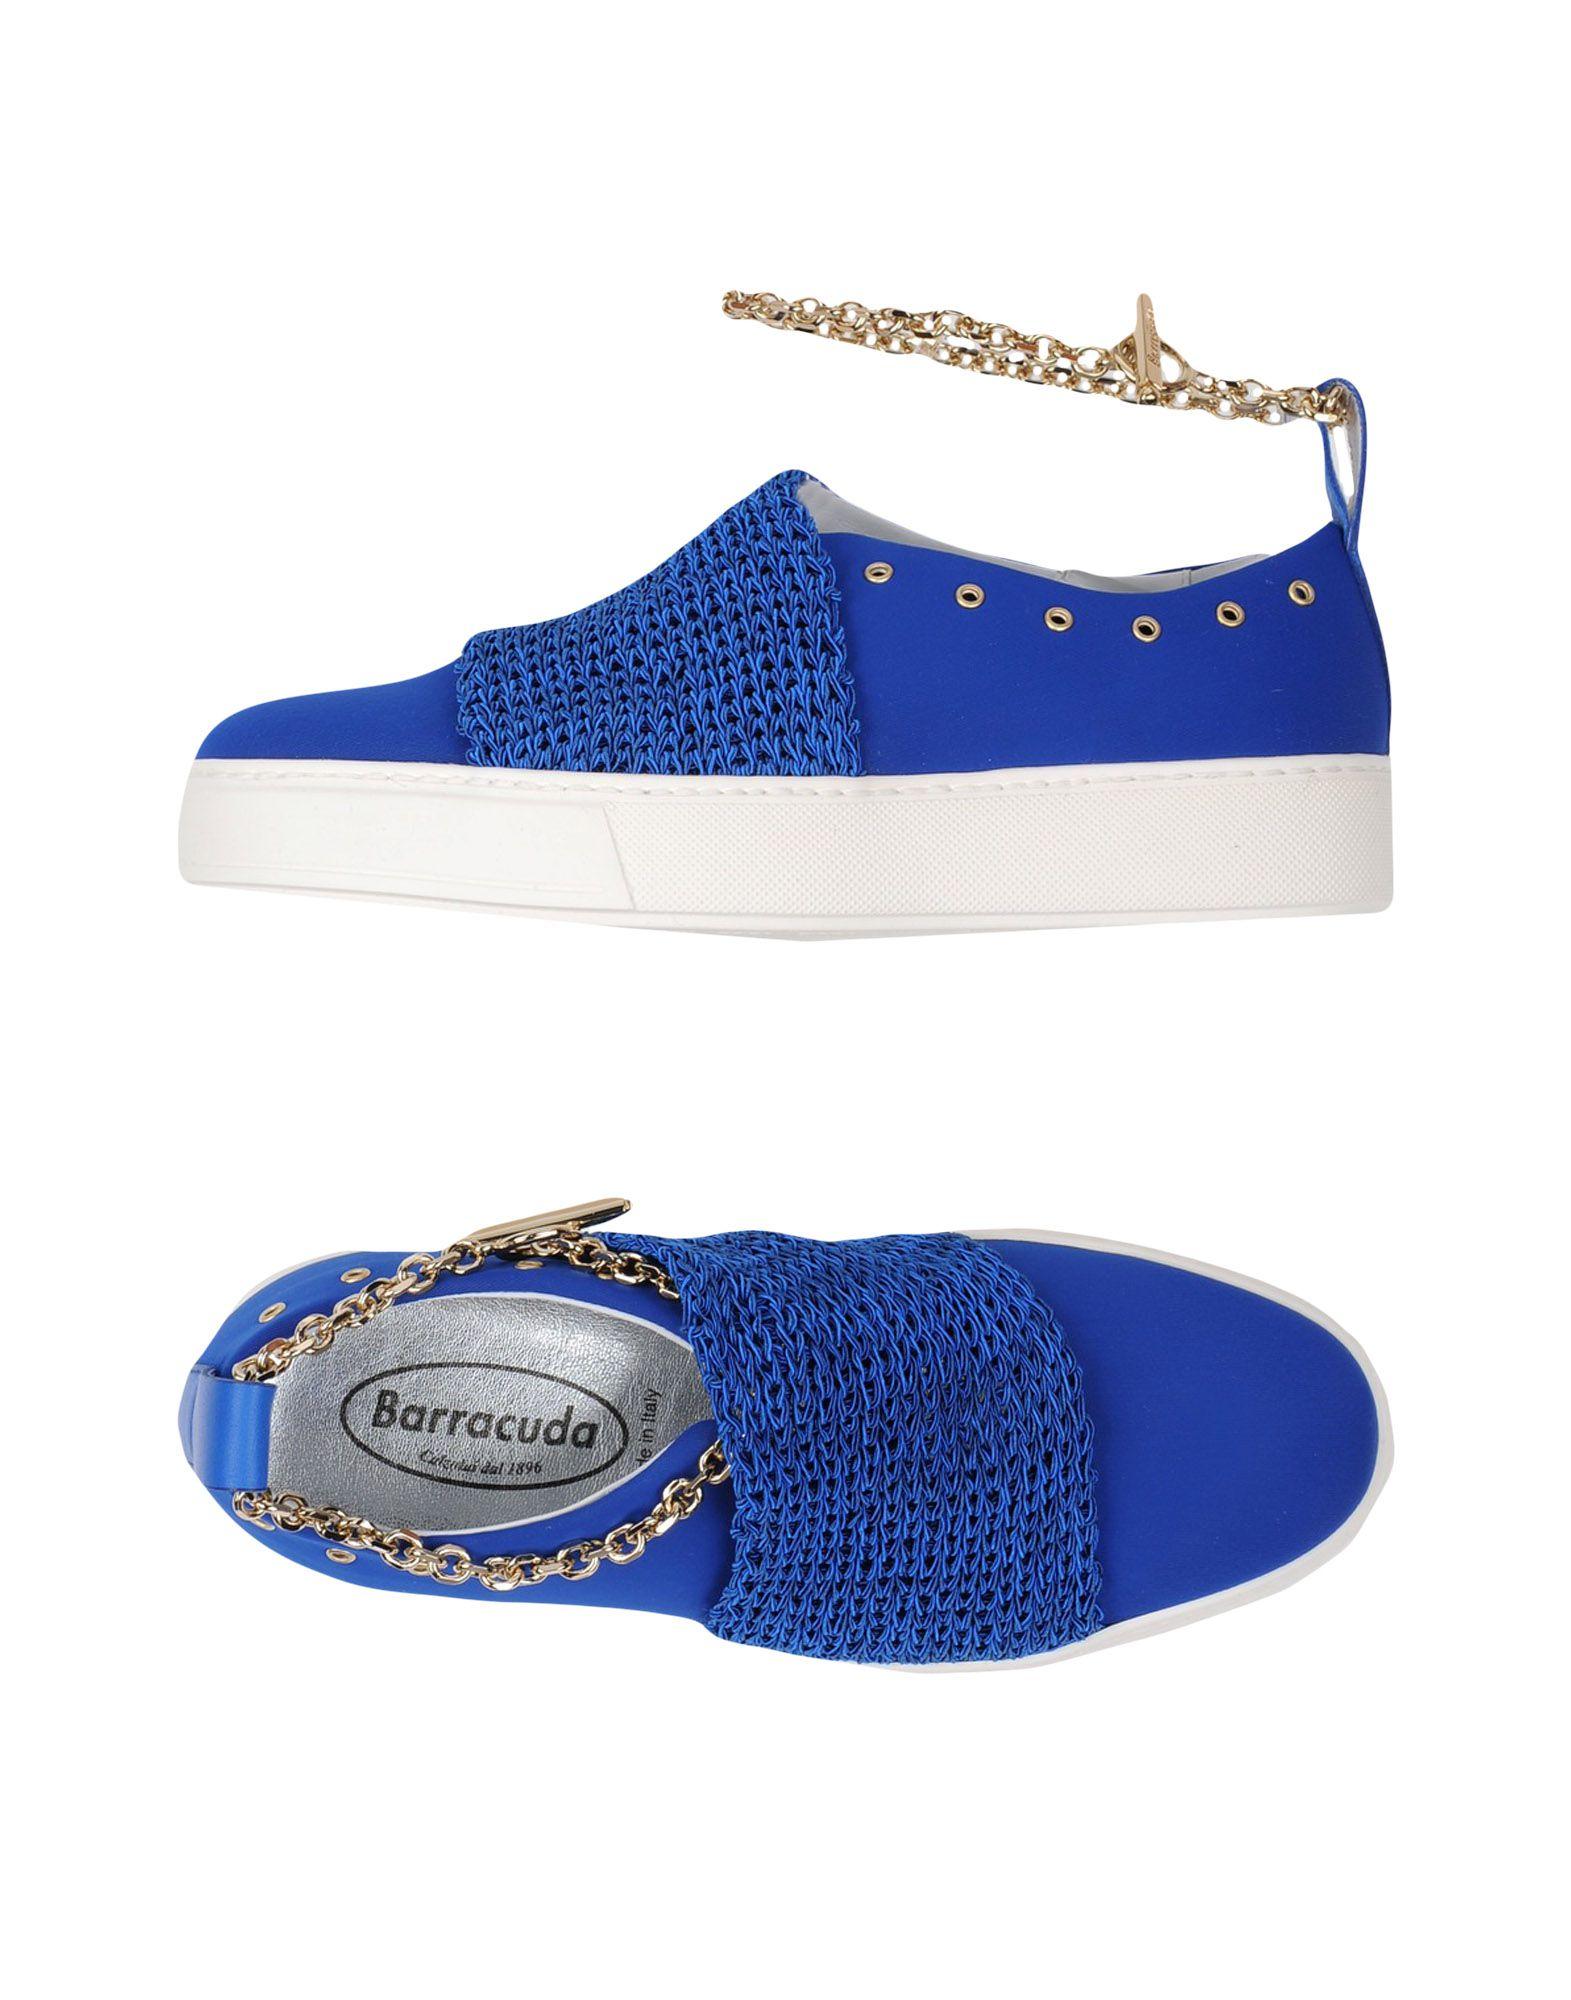 Moda Sneakers Sneakers Moda Barracuda Donna - 11415985NT 64a7e7